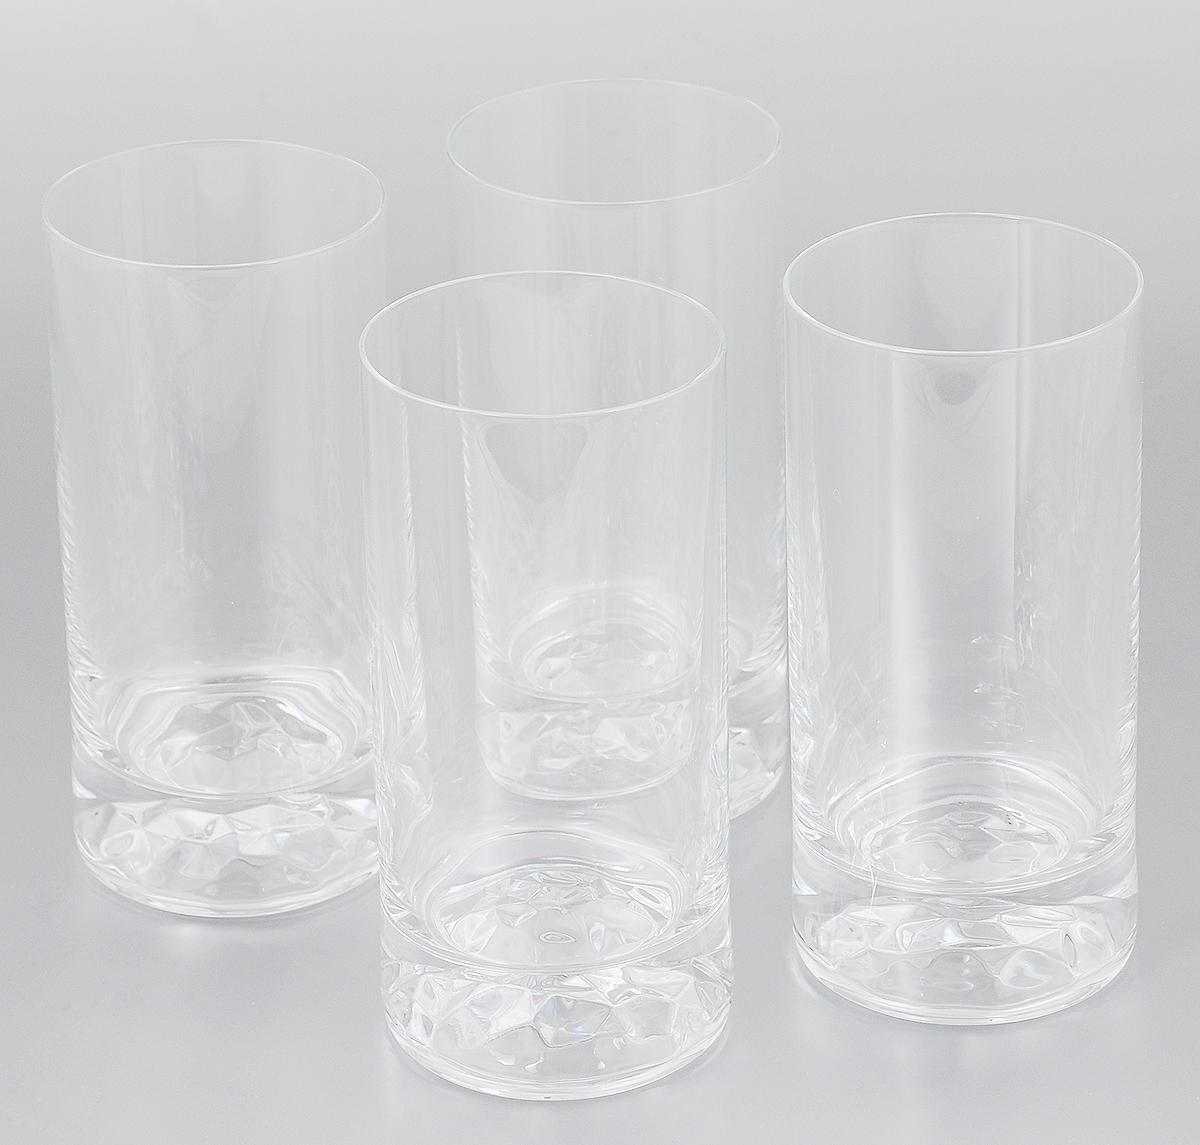 Набор стаканов Pasabahce Club, 420 мл, 4 штVT-1520(SR)Набор Pasabahce Club состоит из 4 высоких стаканов, выполненных из бессвинцового стекла. Стильный лаконичный дизайн, роскошный внешний вид и несравненное качество сделают их великолепным украшением стола. Подходят для мытья в посудомоечной машине. Диаметр (по верхнему краю): 7 см. Высота стакана: 15 см.